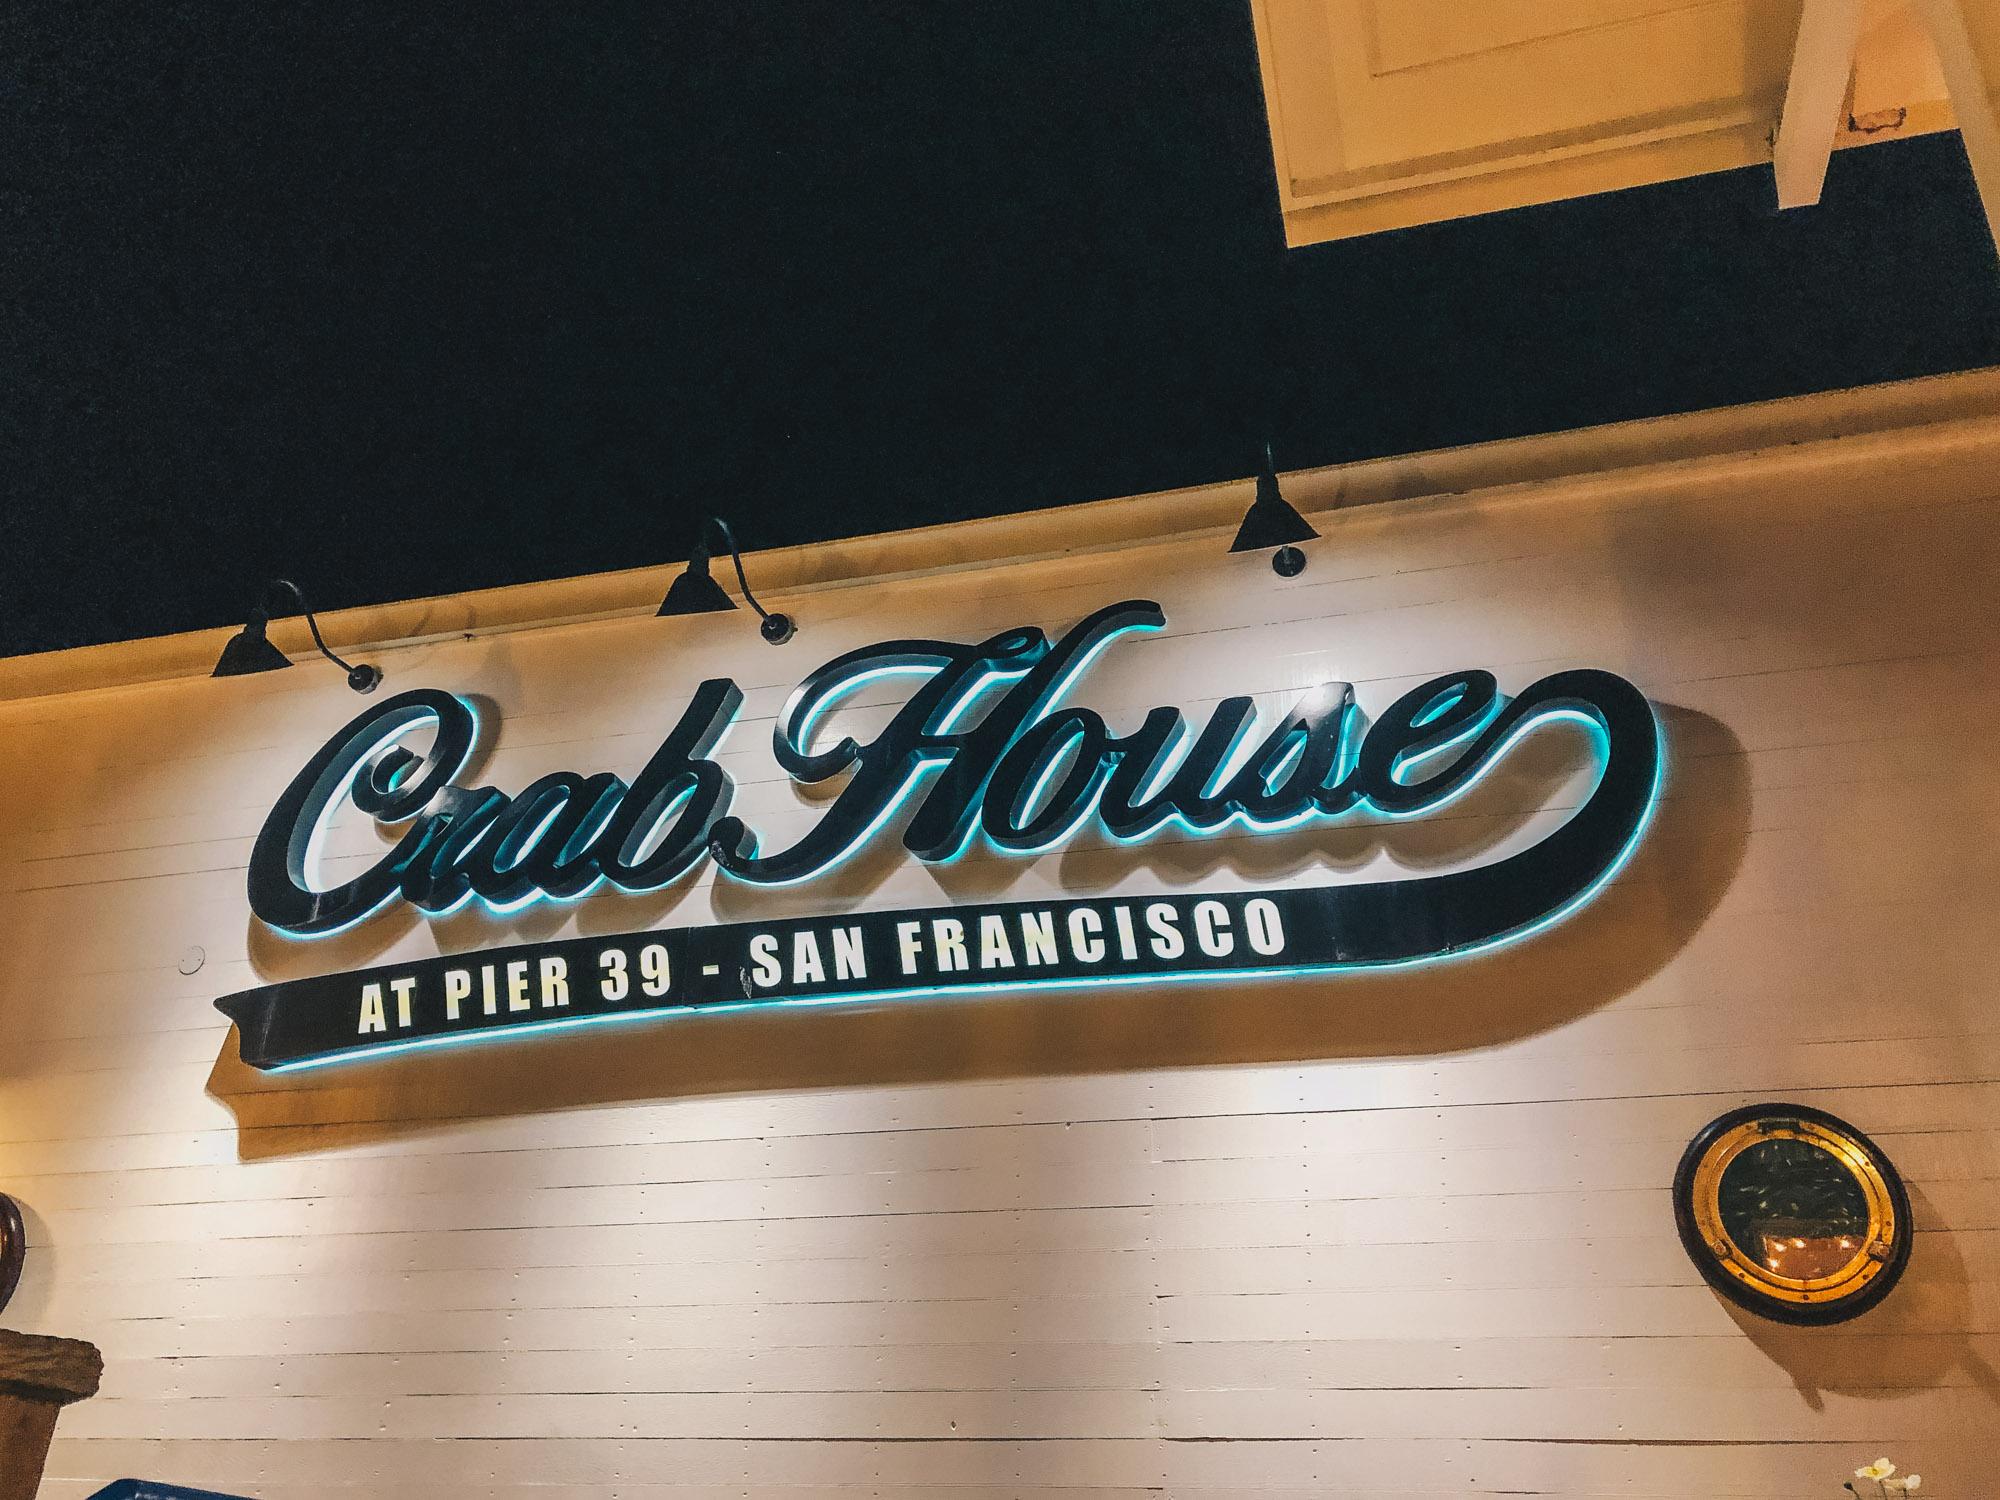 San Francisco - Crab House at Pier 39